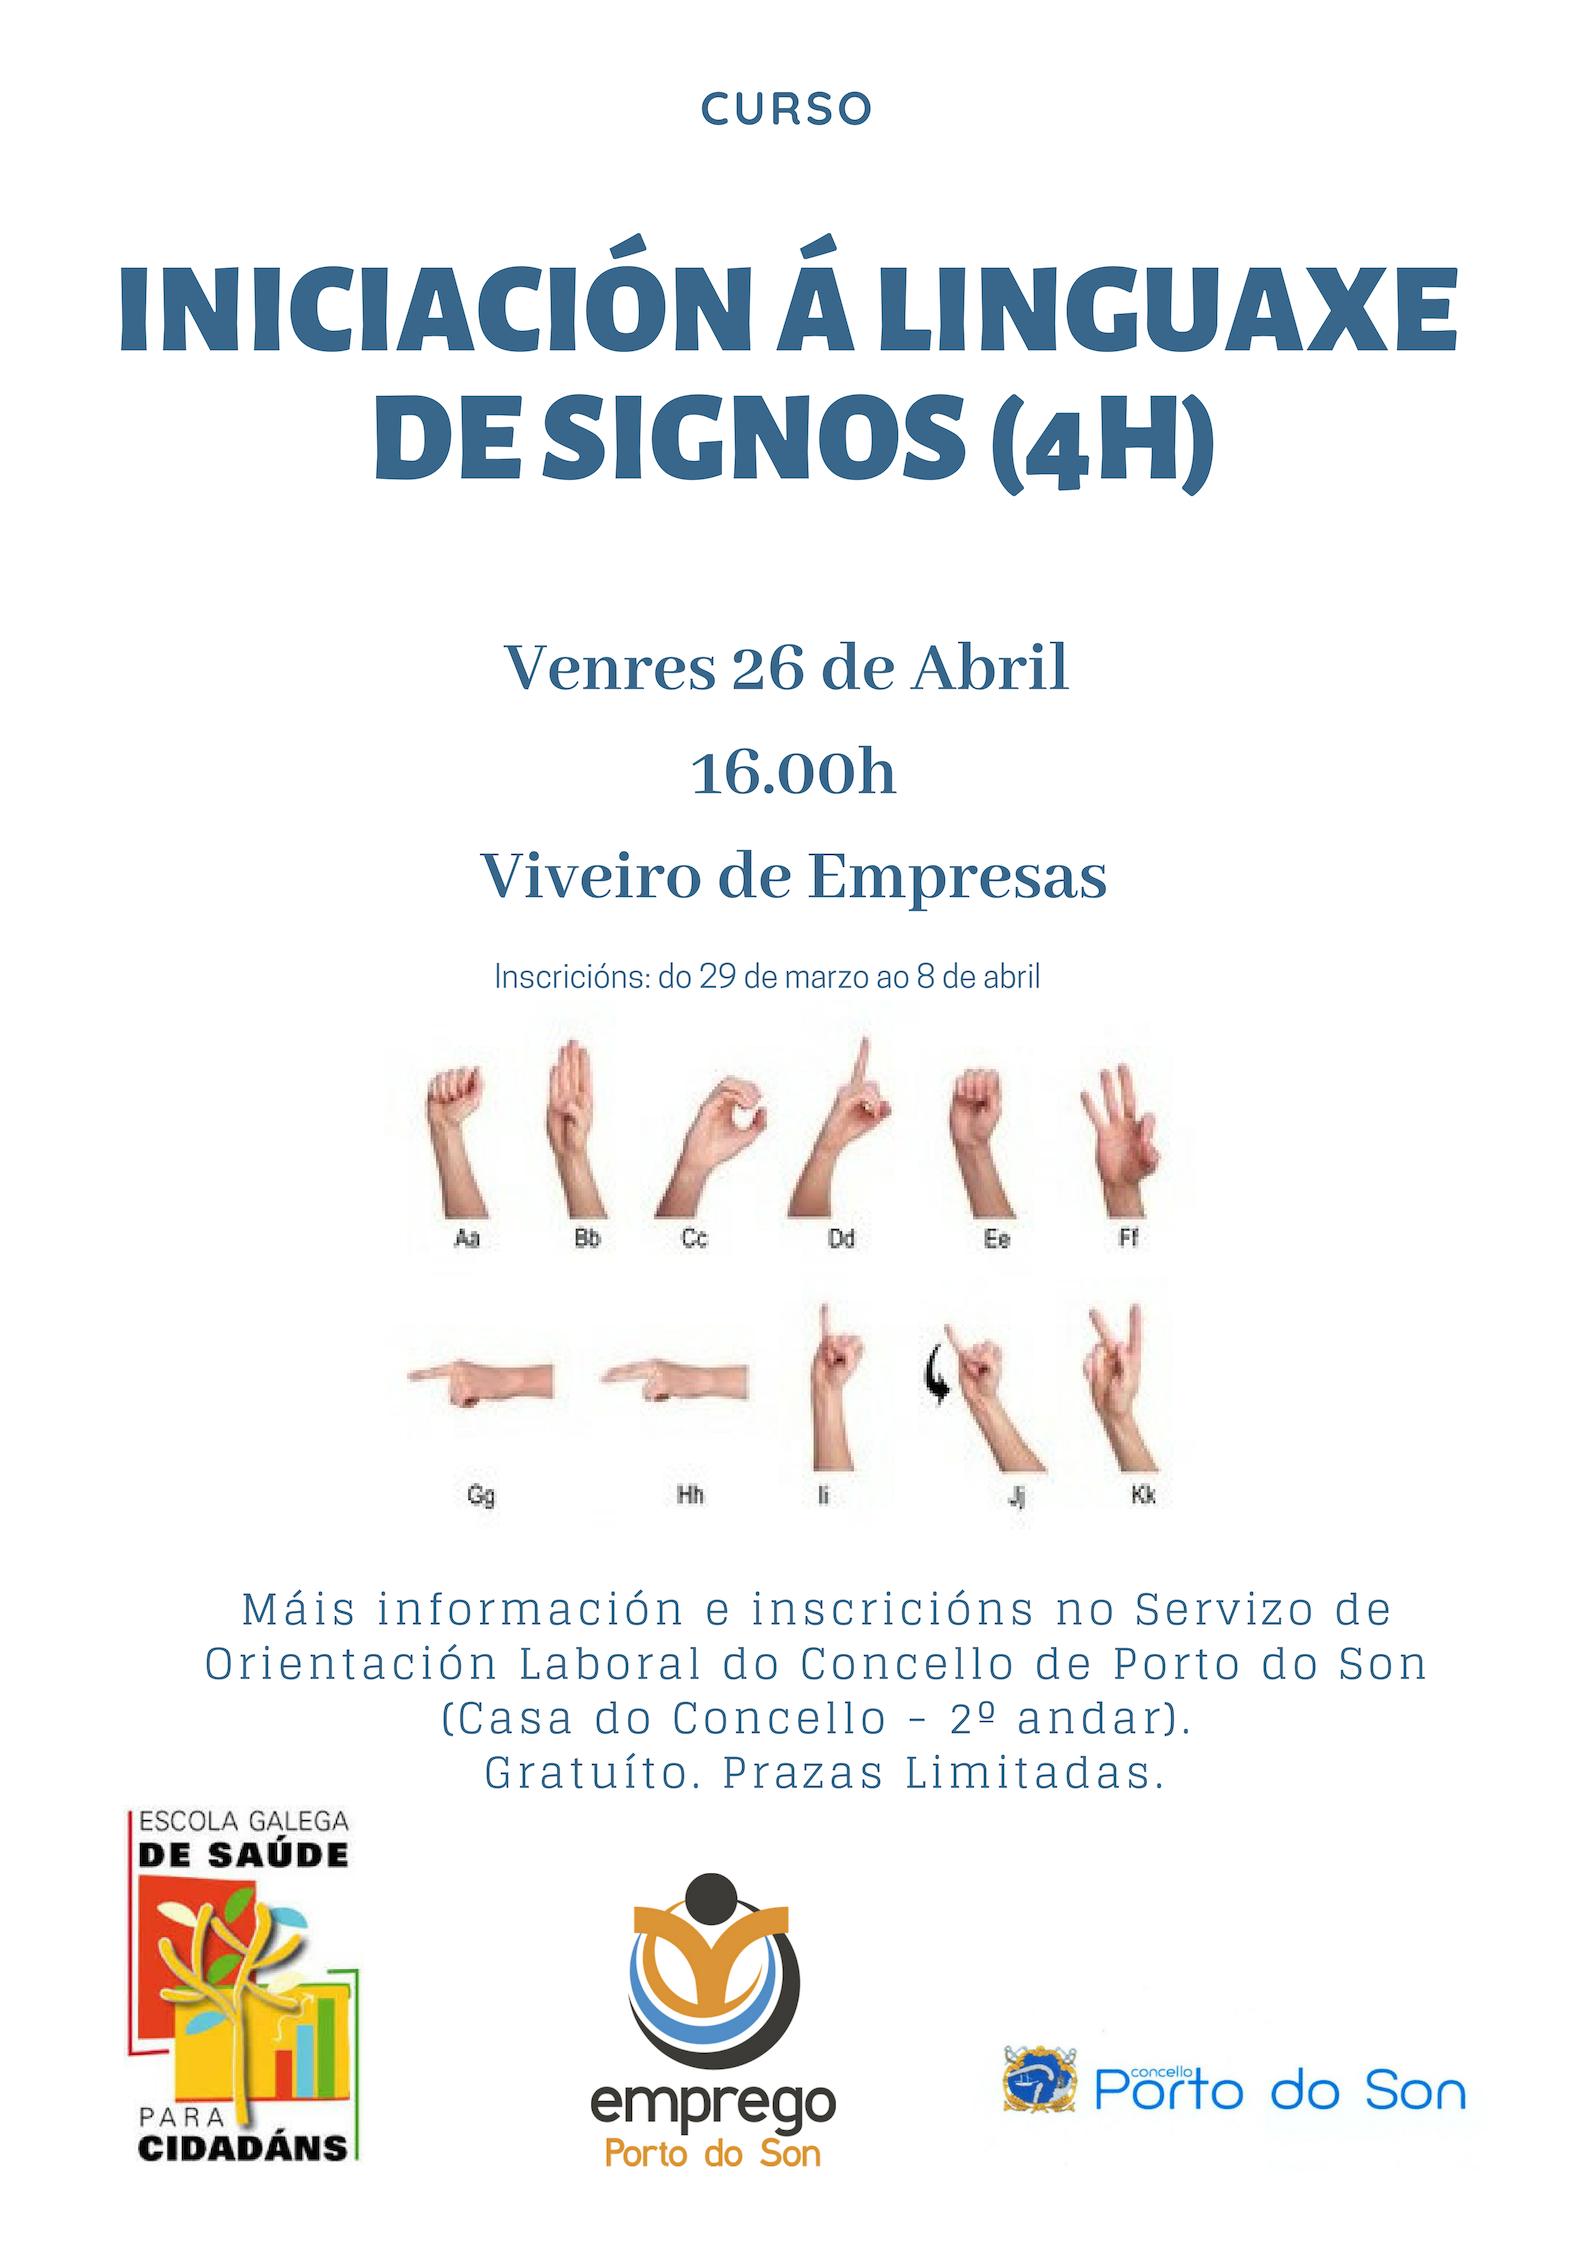 iniciación á linguaxe de signos (4h)